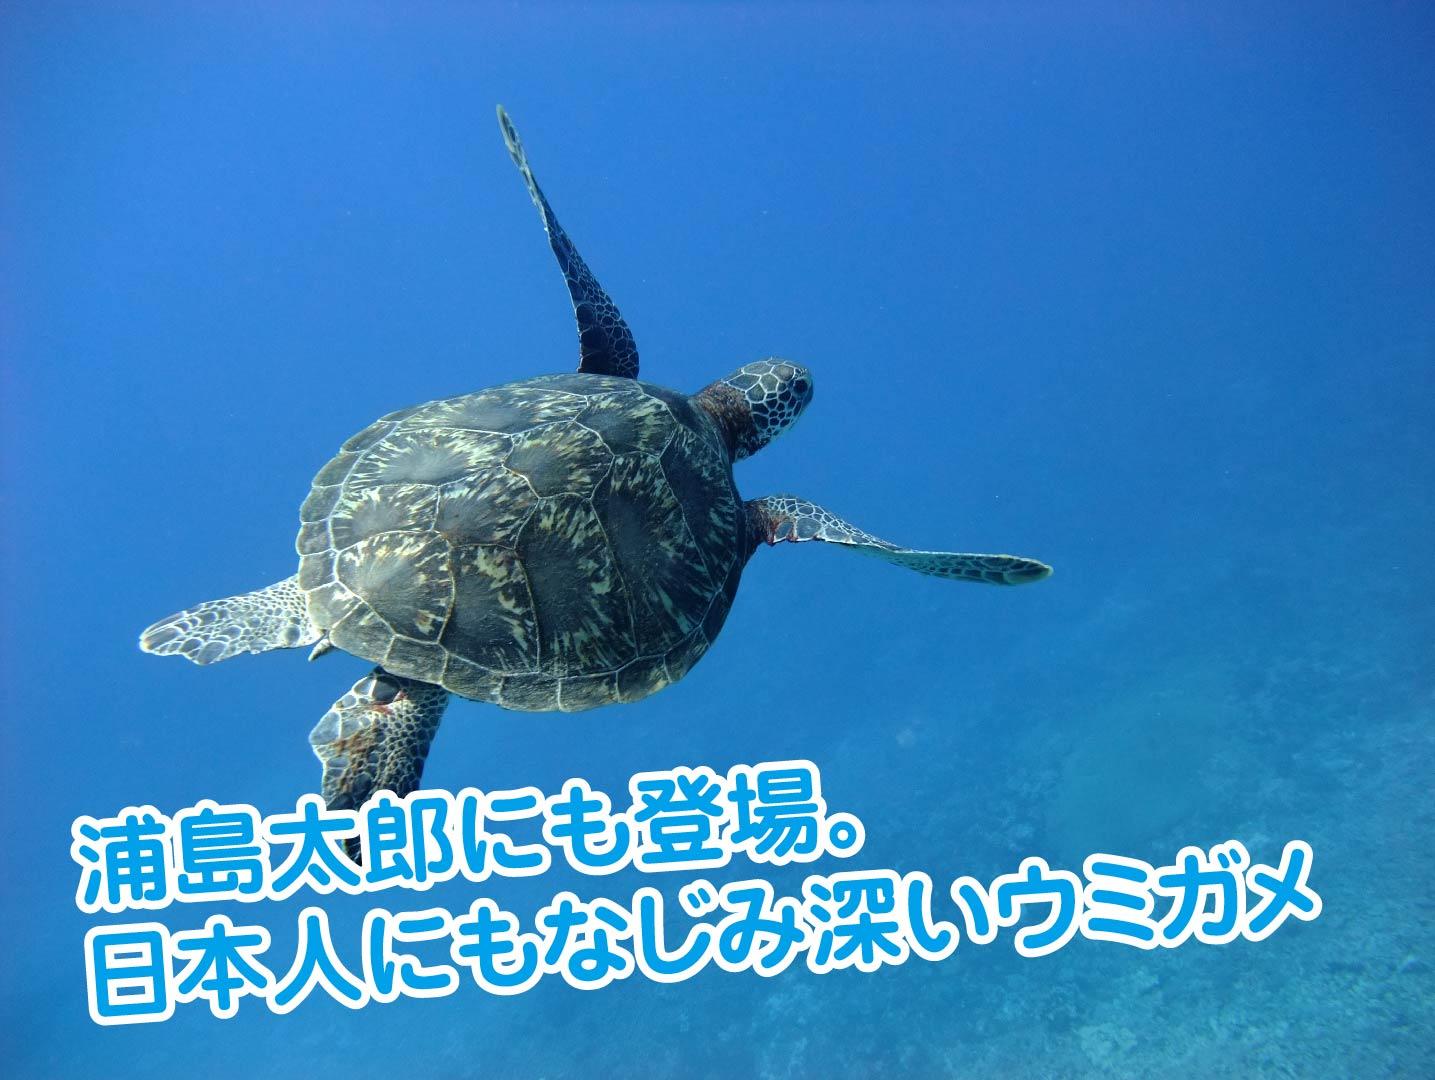 ウミガメ泳いでる-01